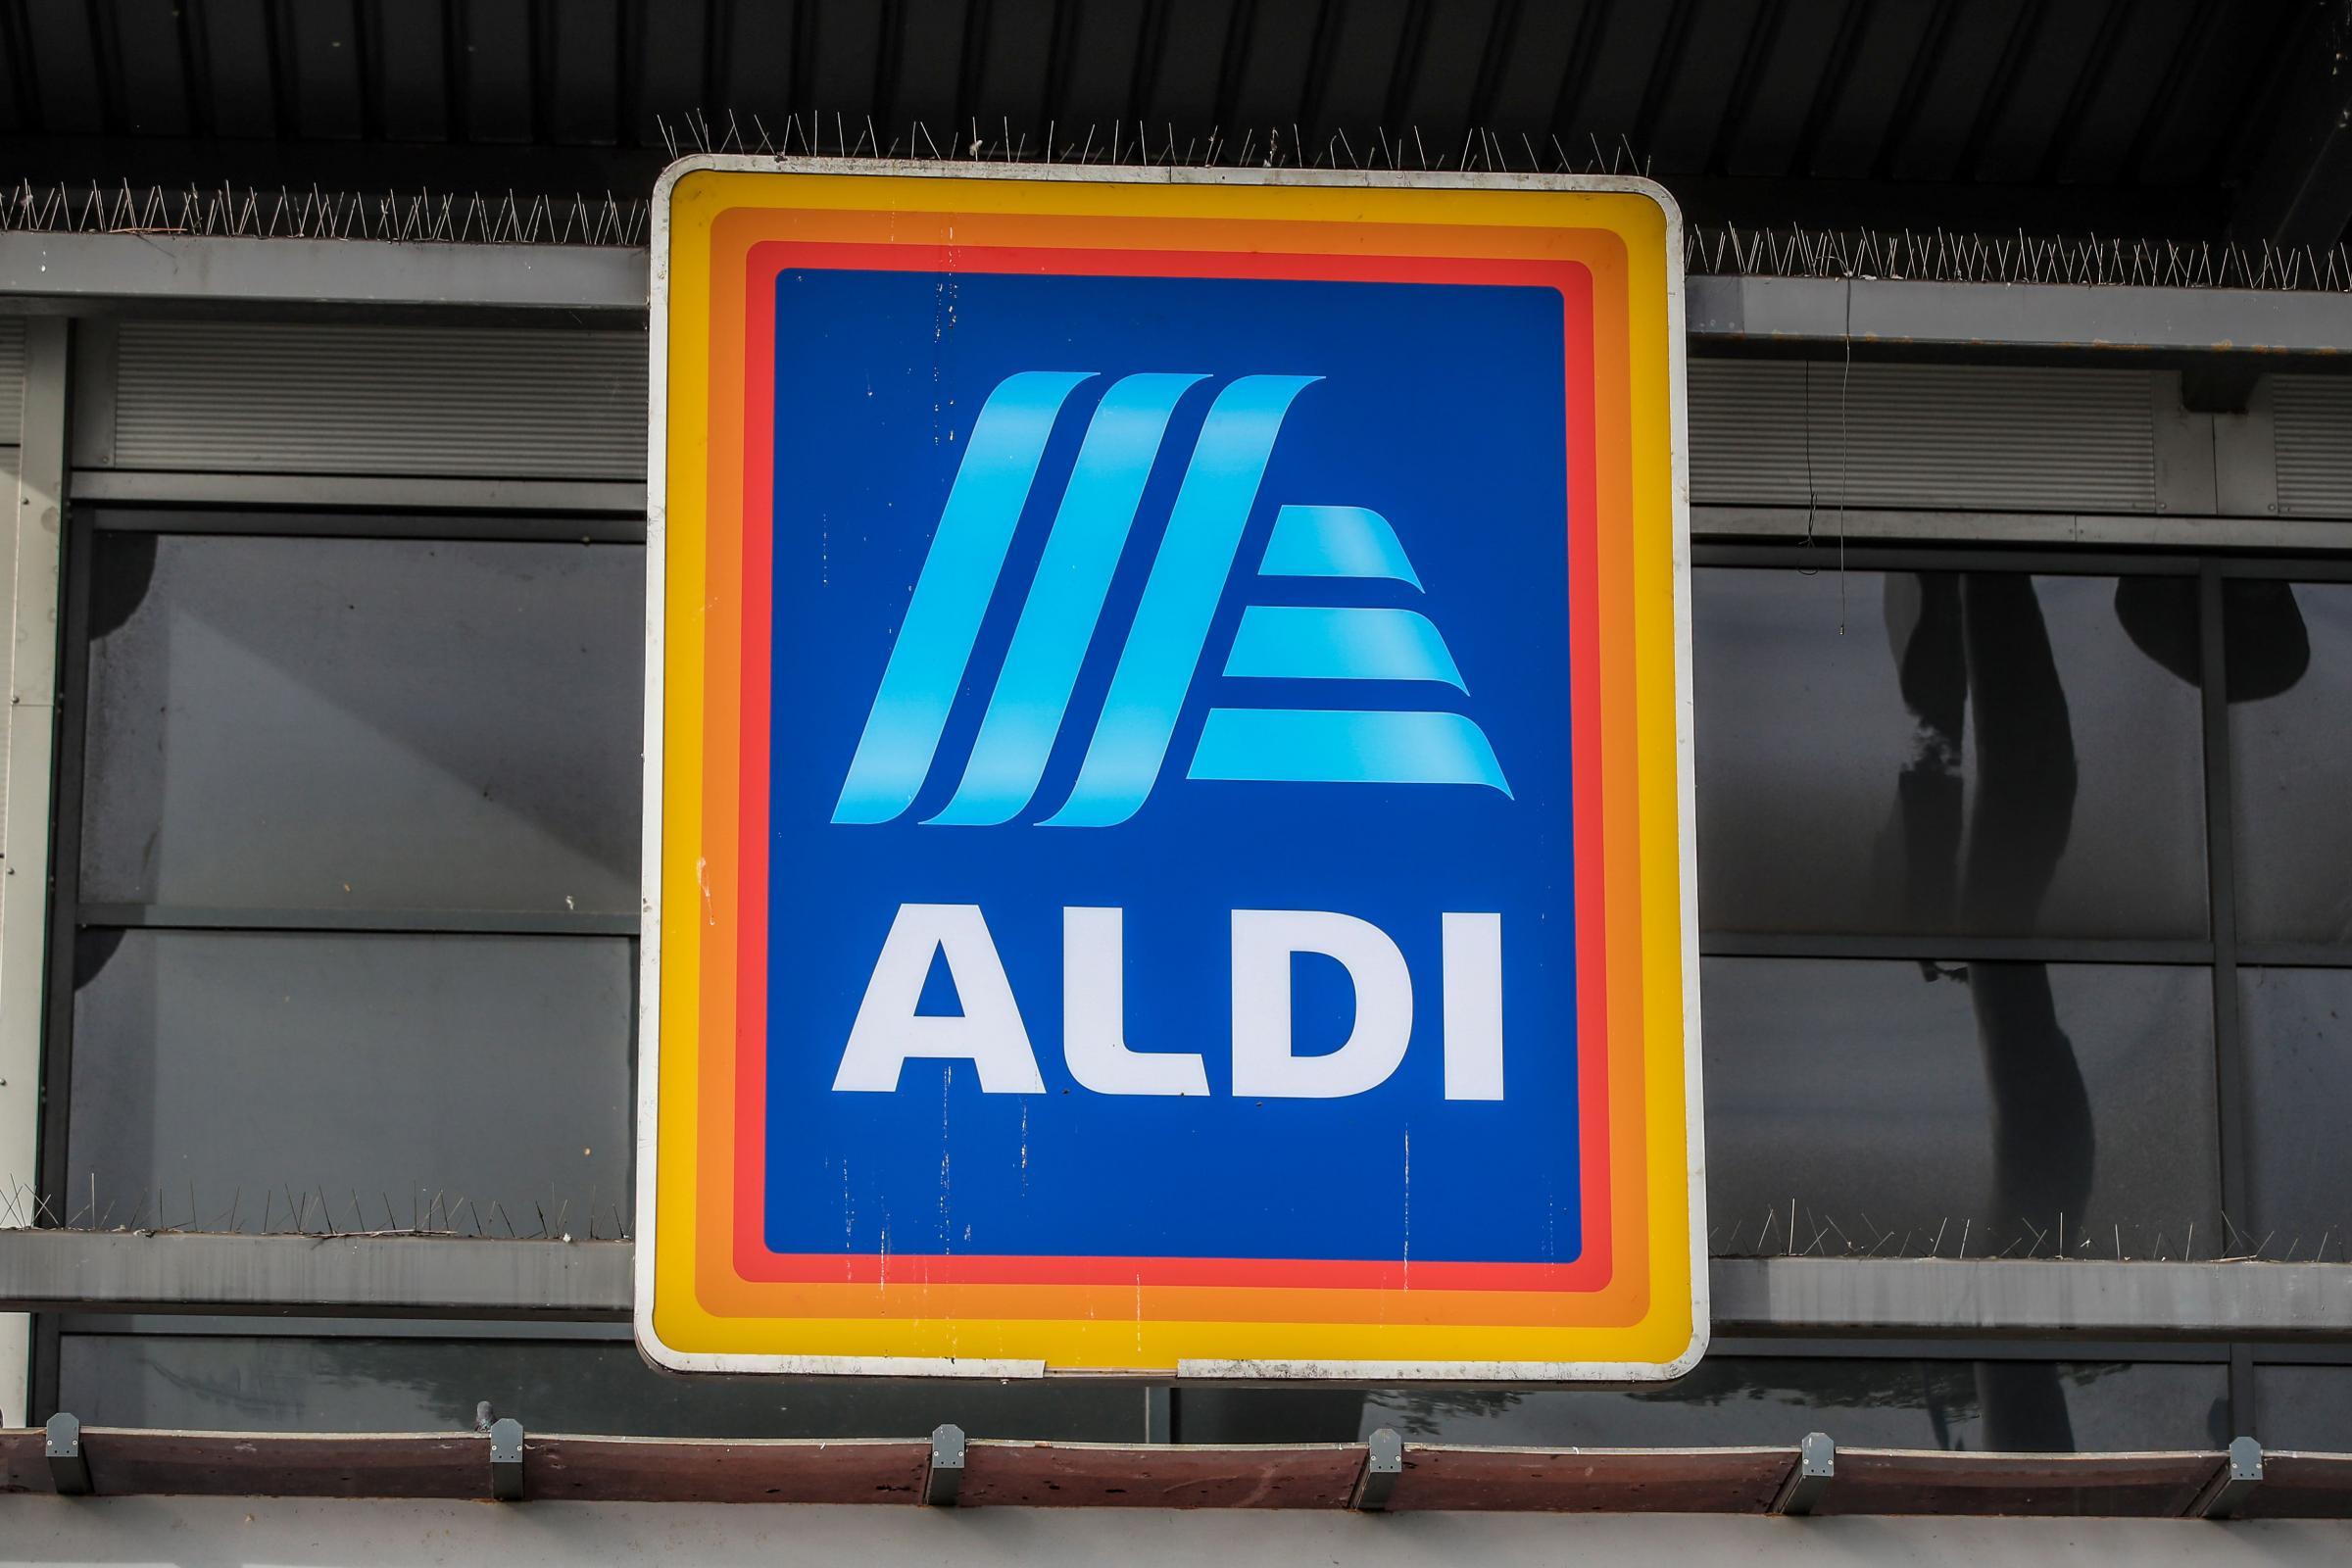 Aldi mengumumkan rencana toko baru di Lancashire dan Greater Manchester – lihat daftar lengkapnya